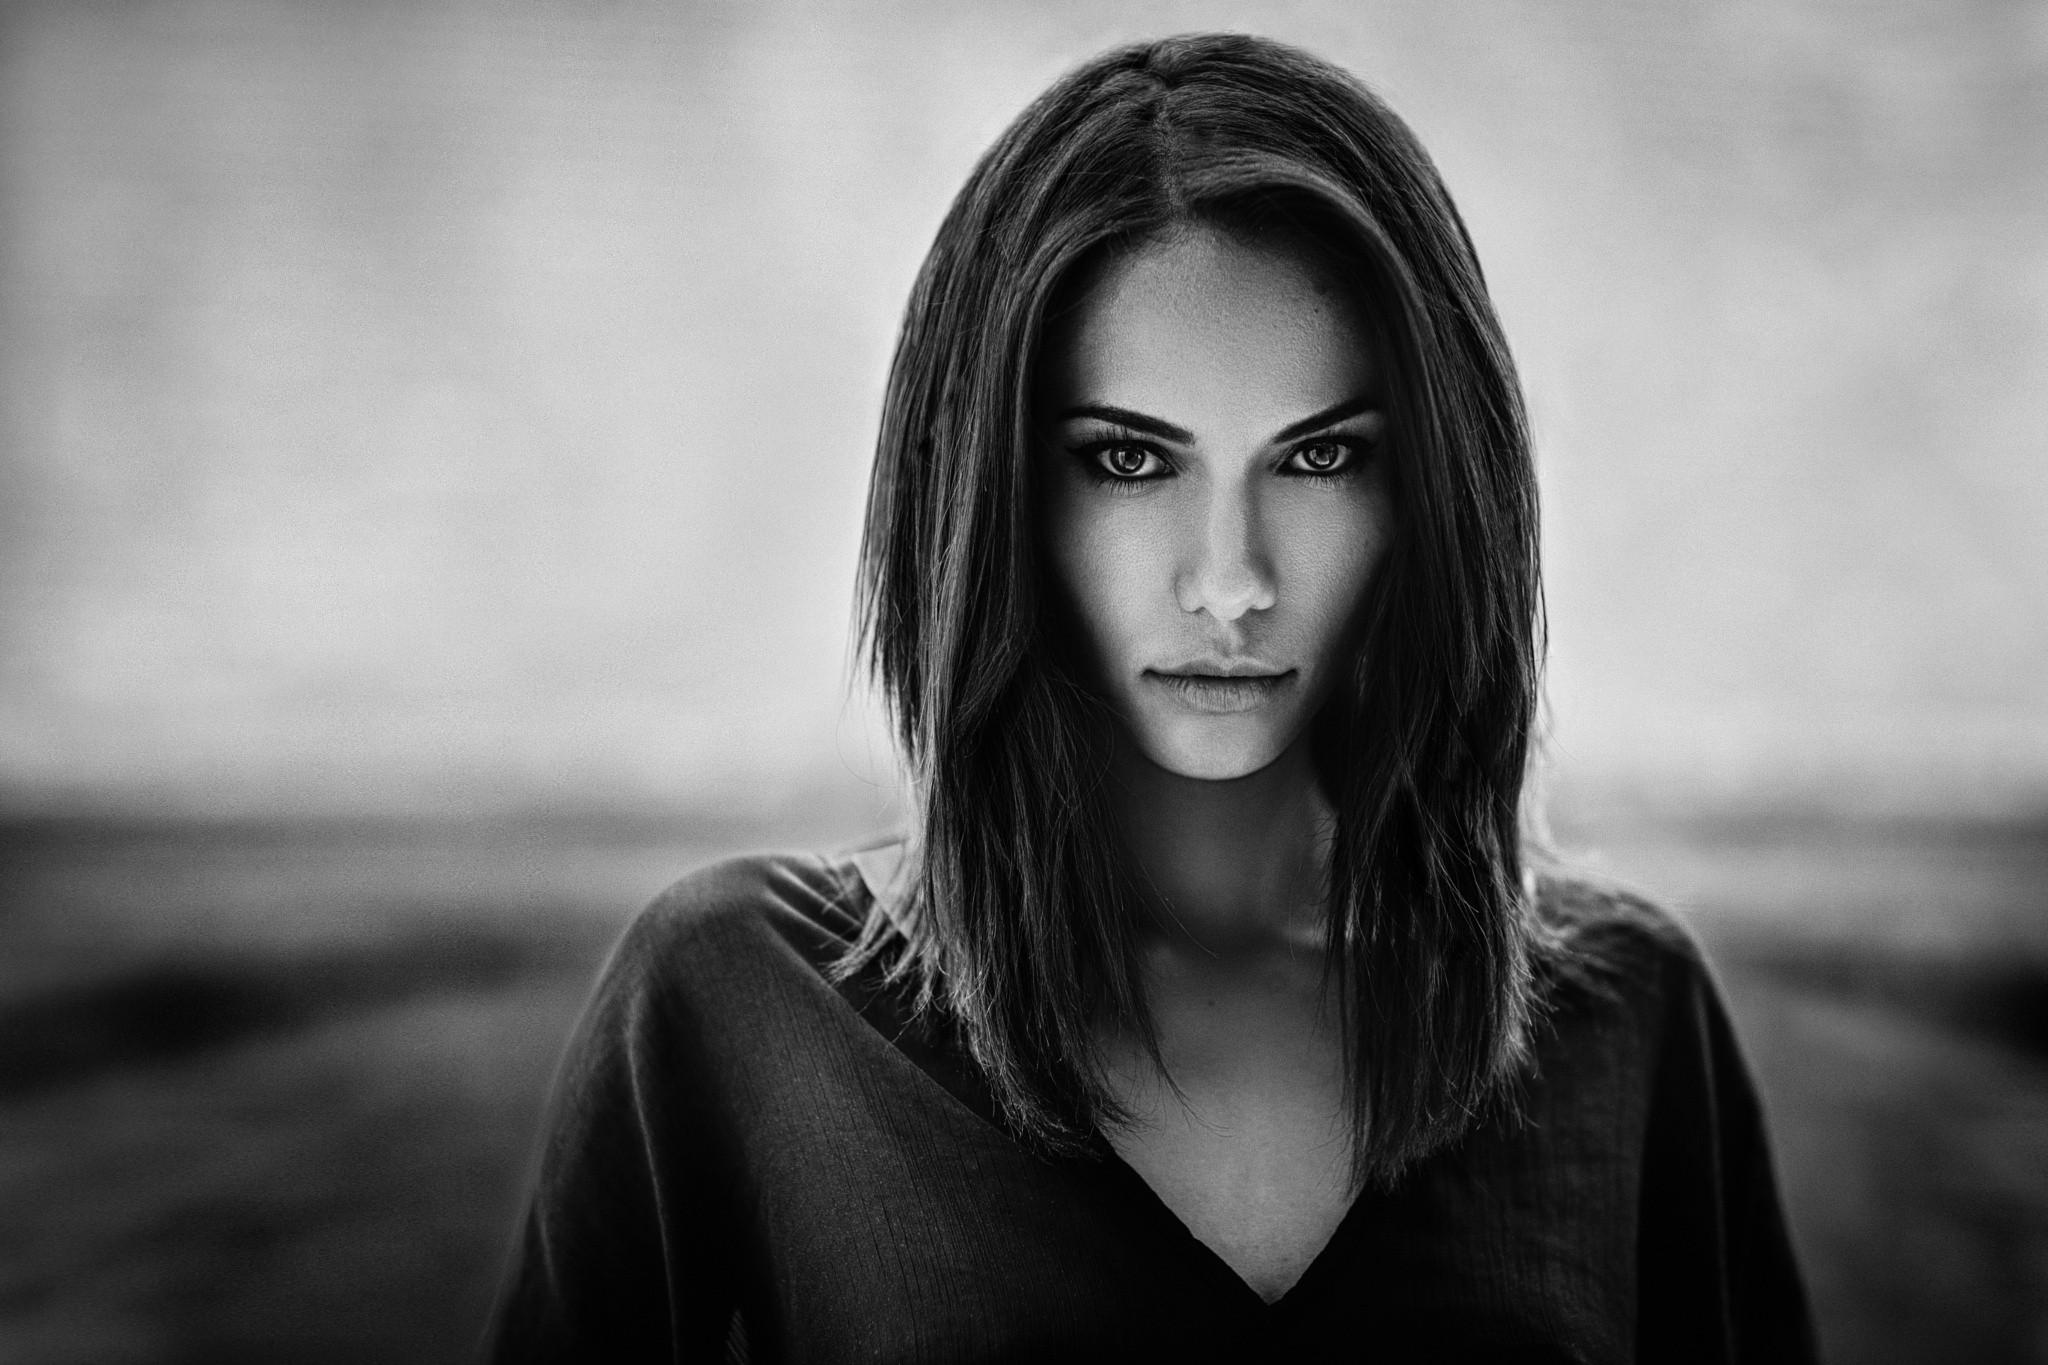 картинки черно белые фотографии лица природный